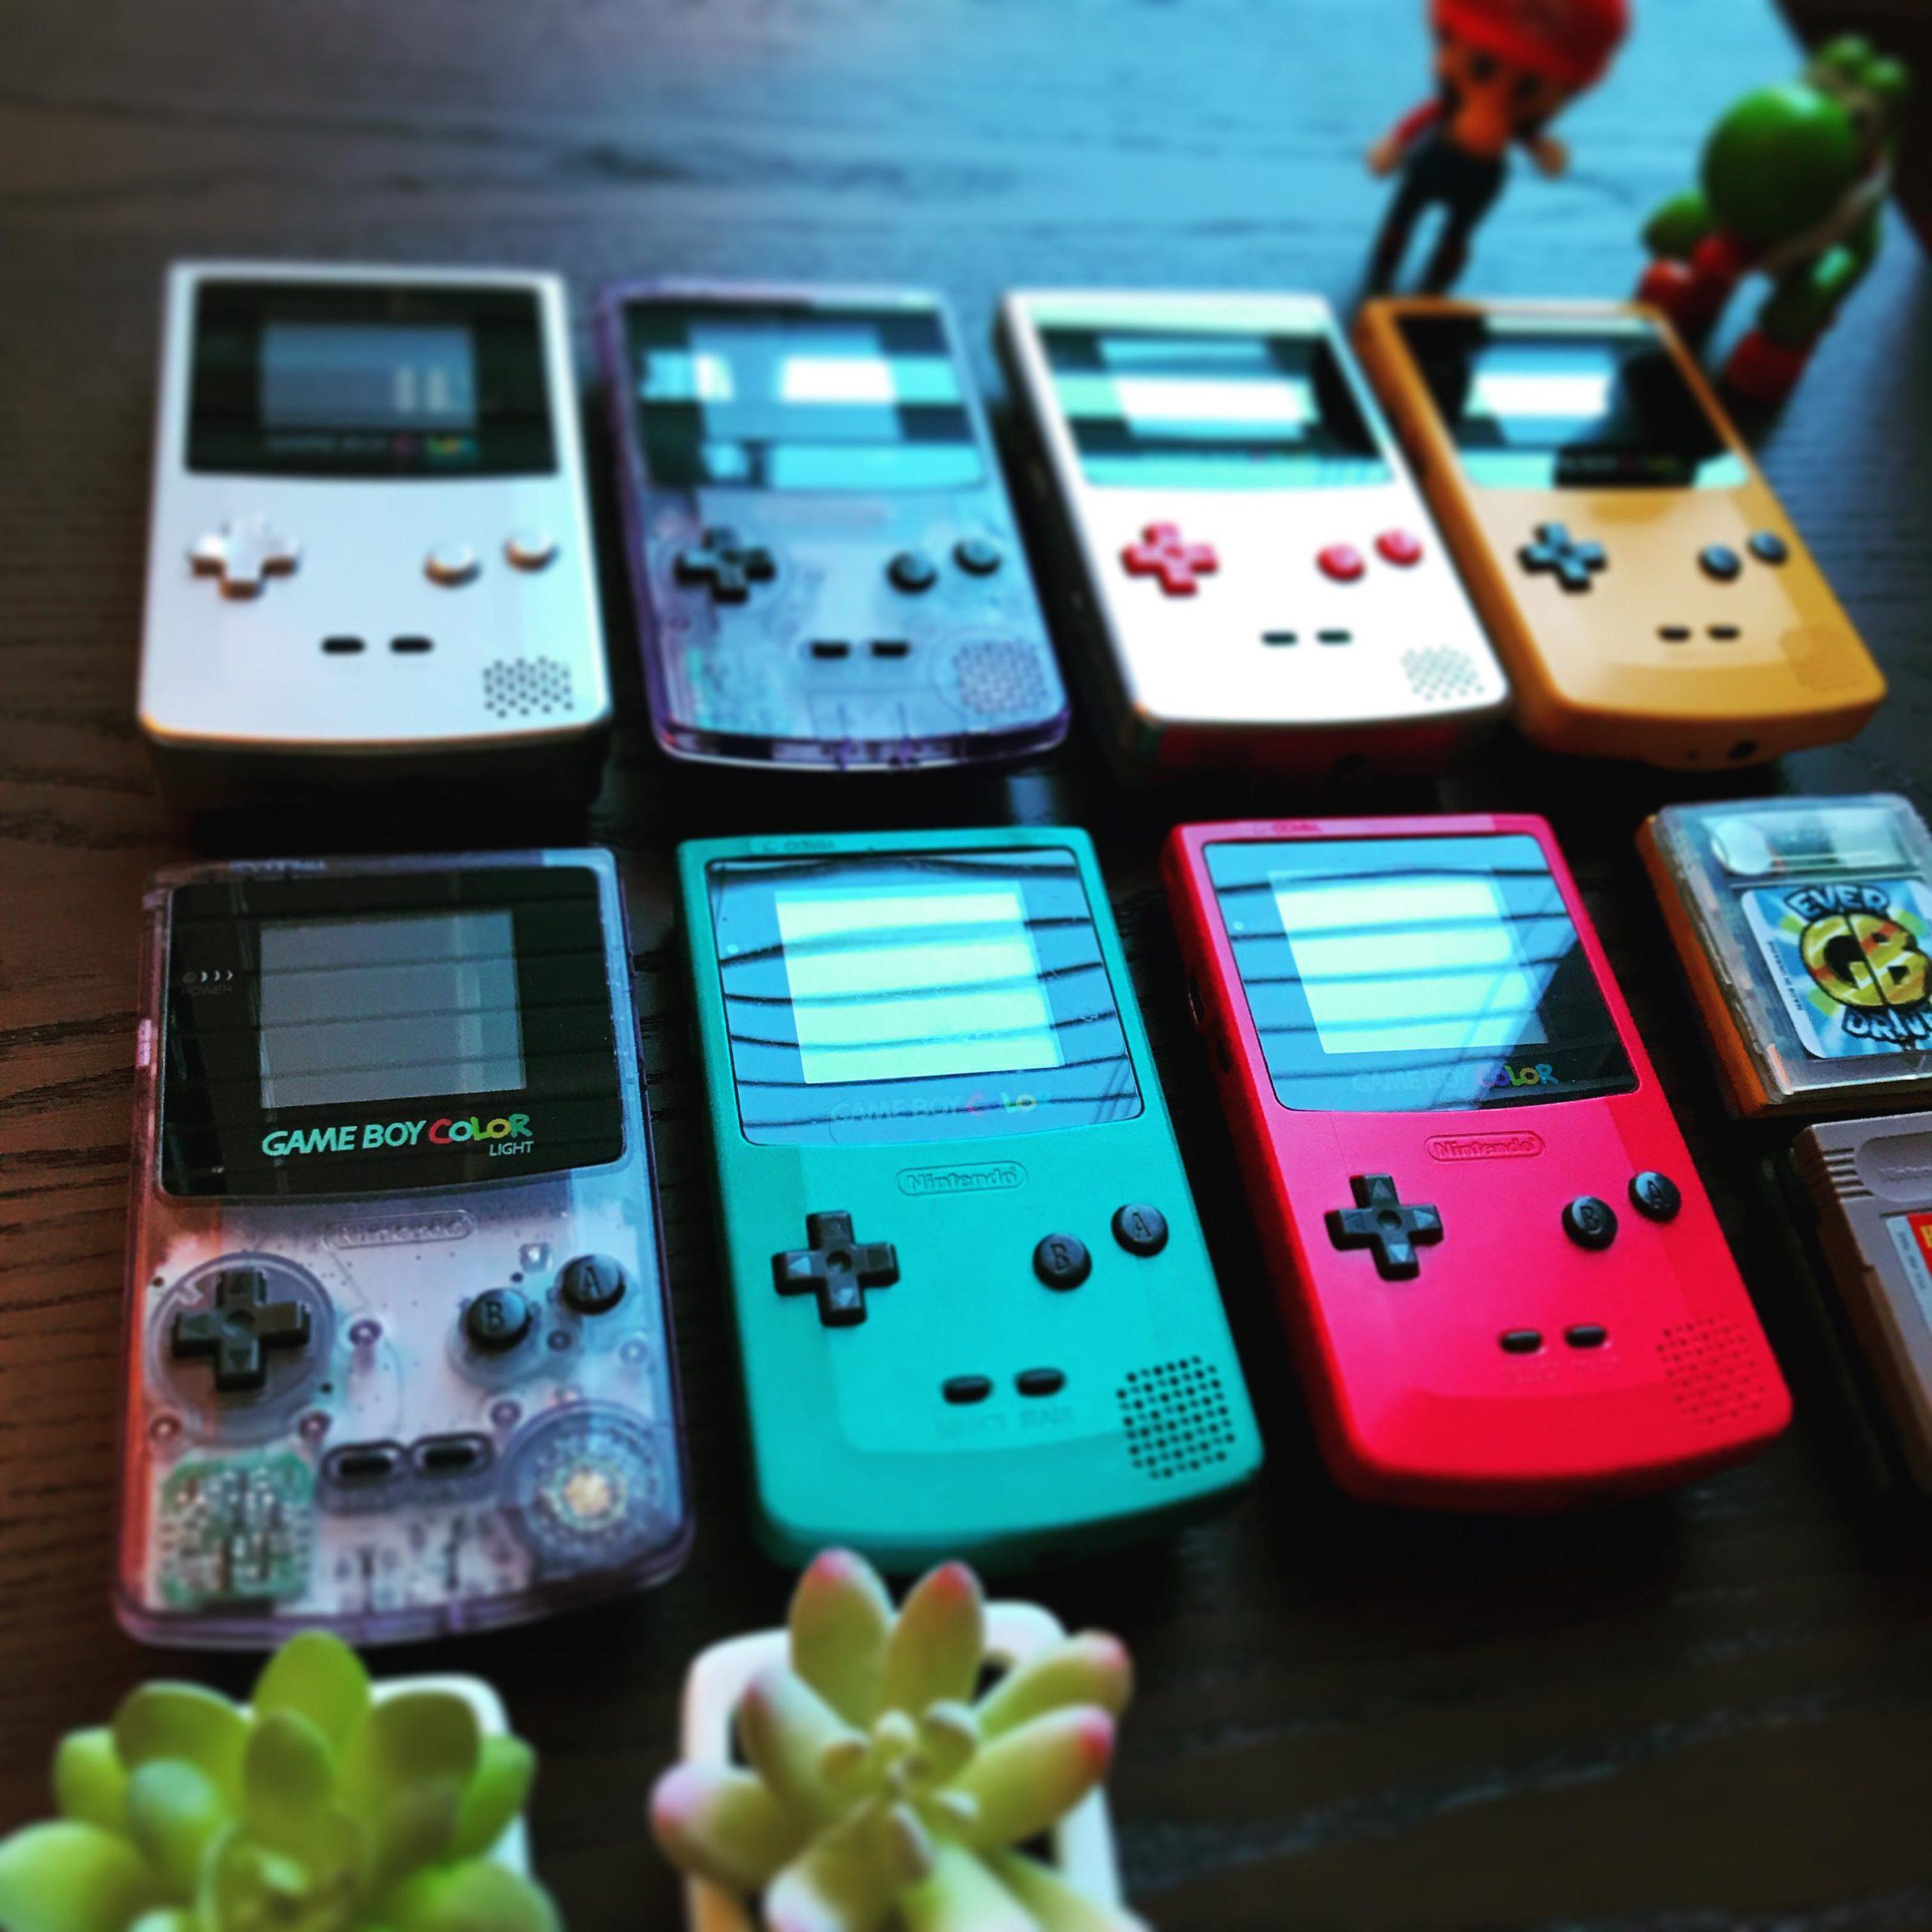 Vetëm me energji diellore, Game Boy është loja e parë pa bateri